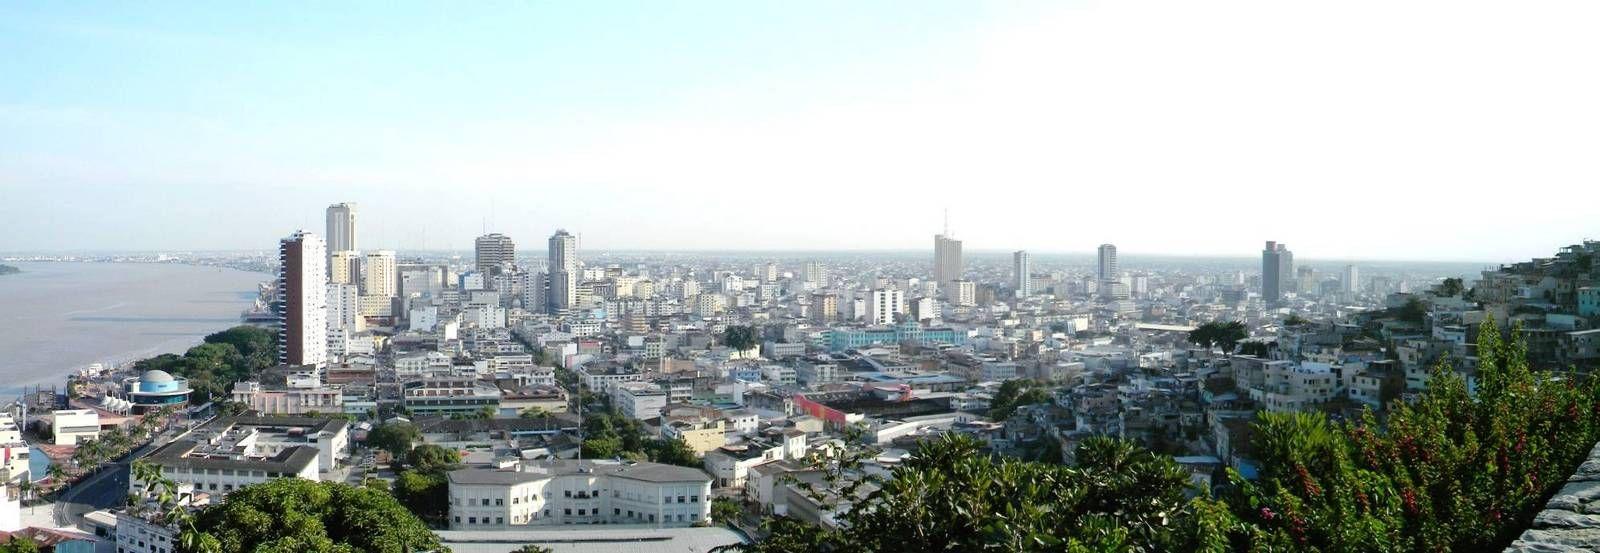 BEST CITY TOUR IN GUAYAQUIL - El mejor City Tour de Guayaquil